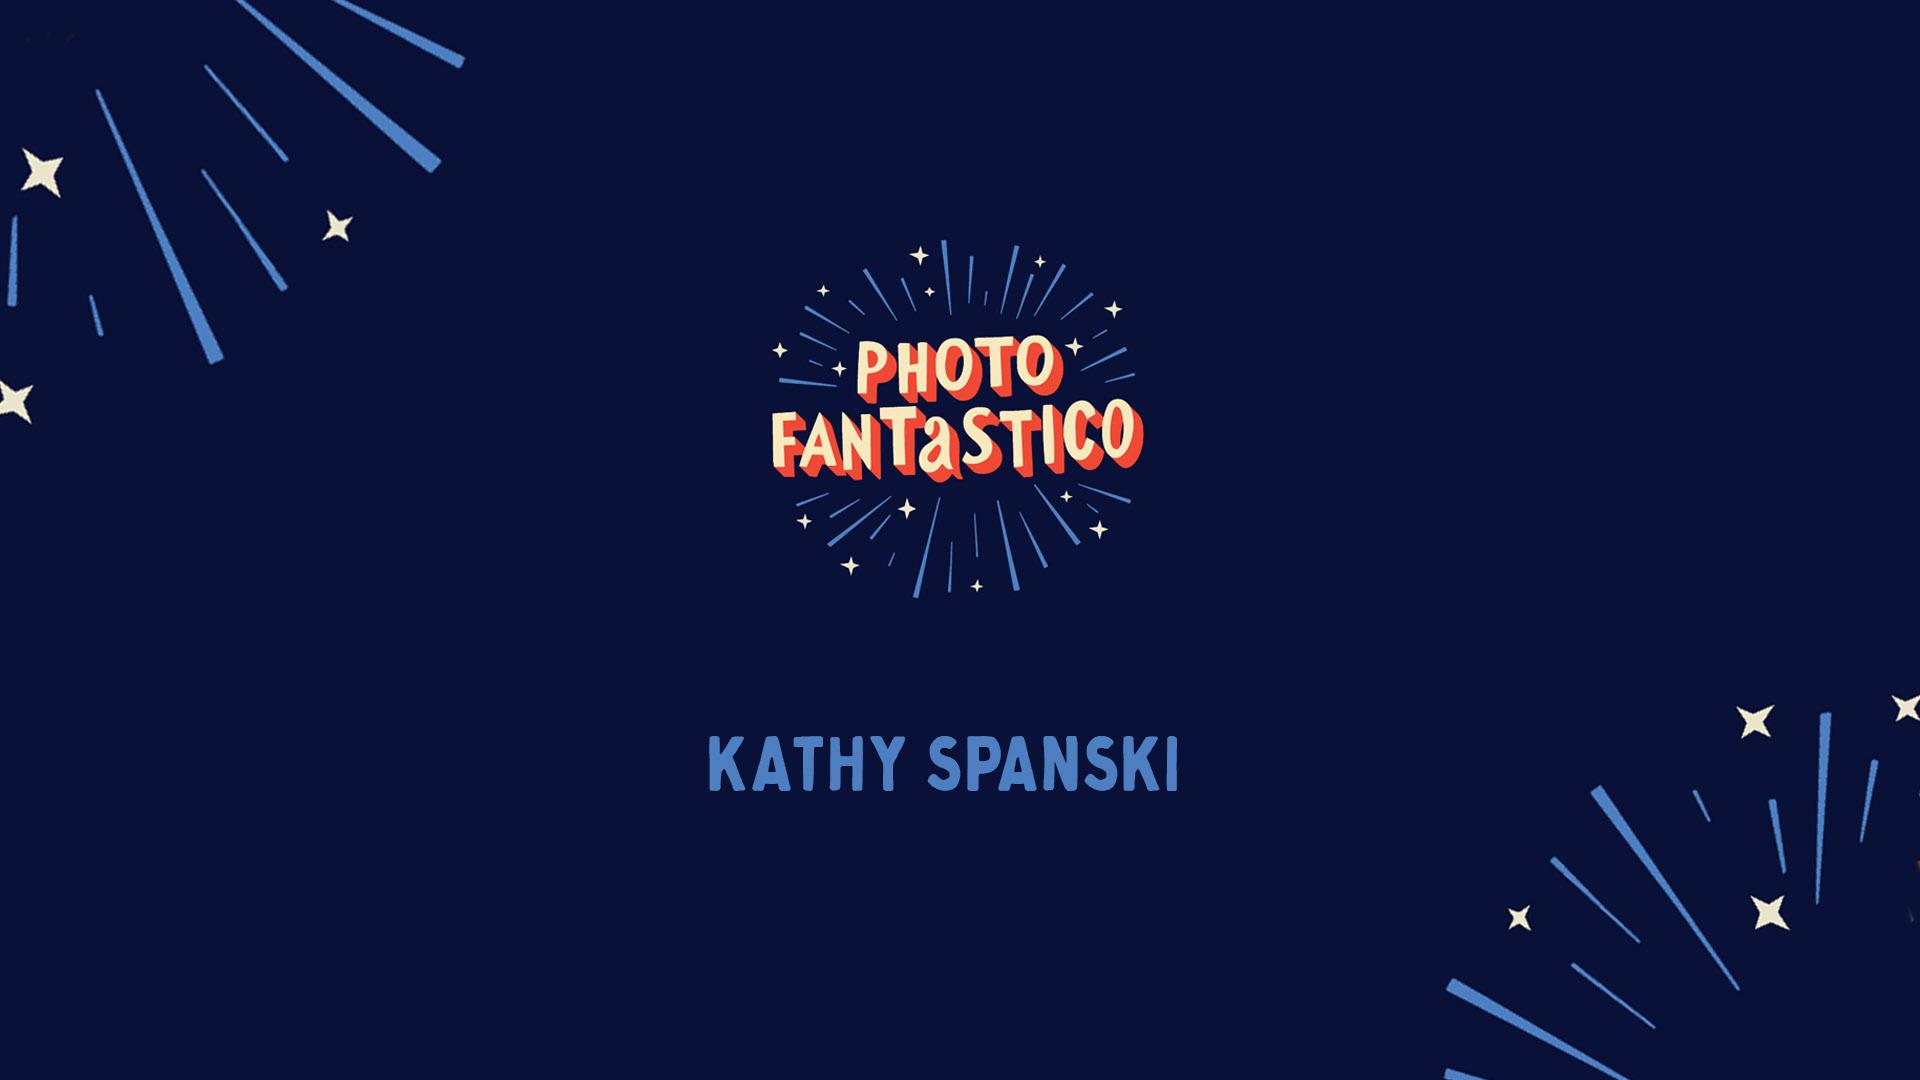 Kathy Spanski